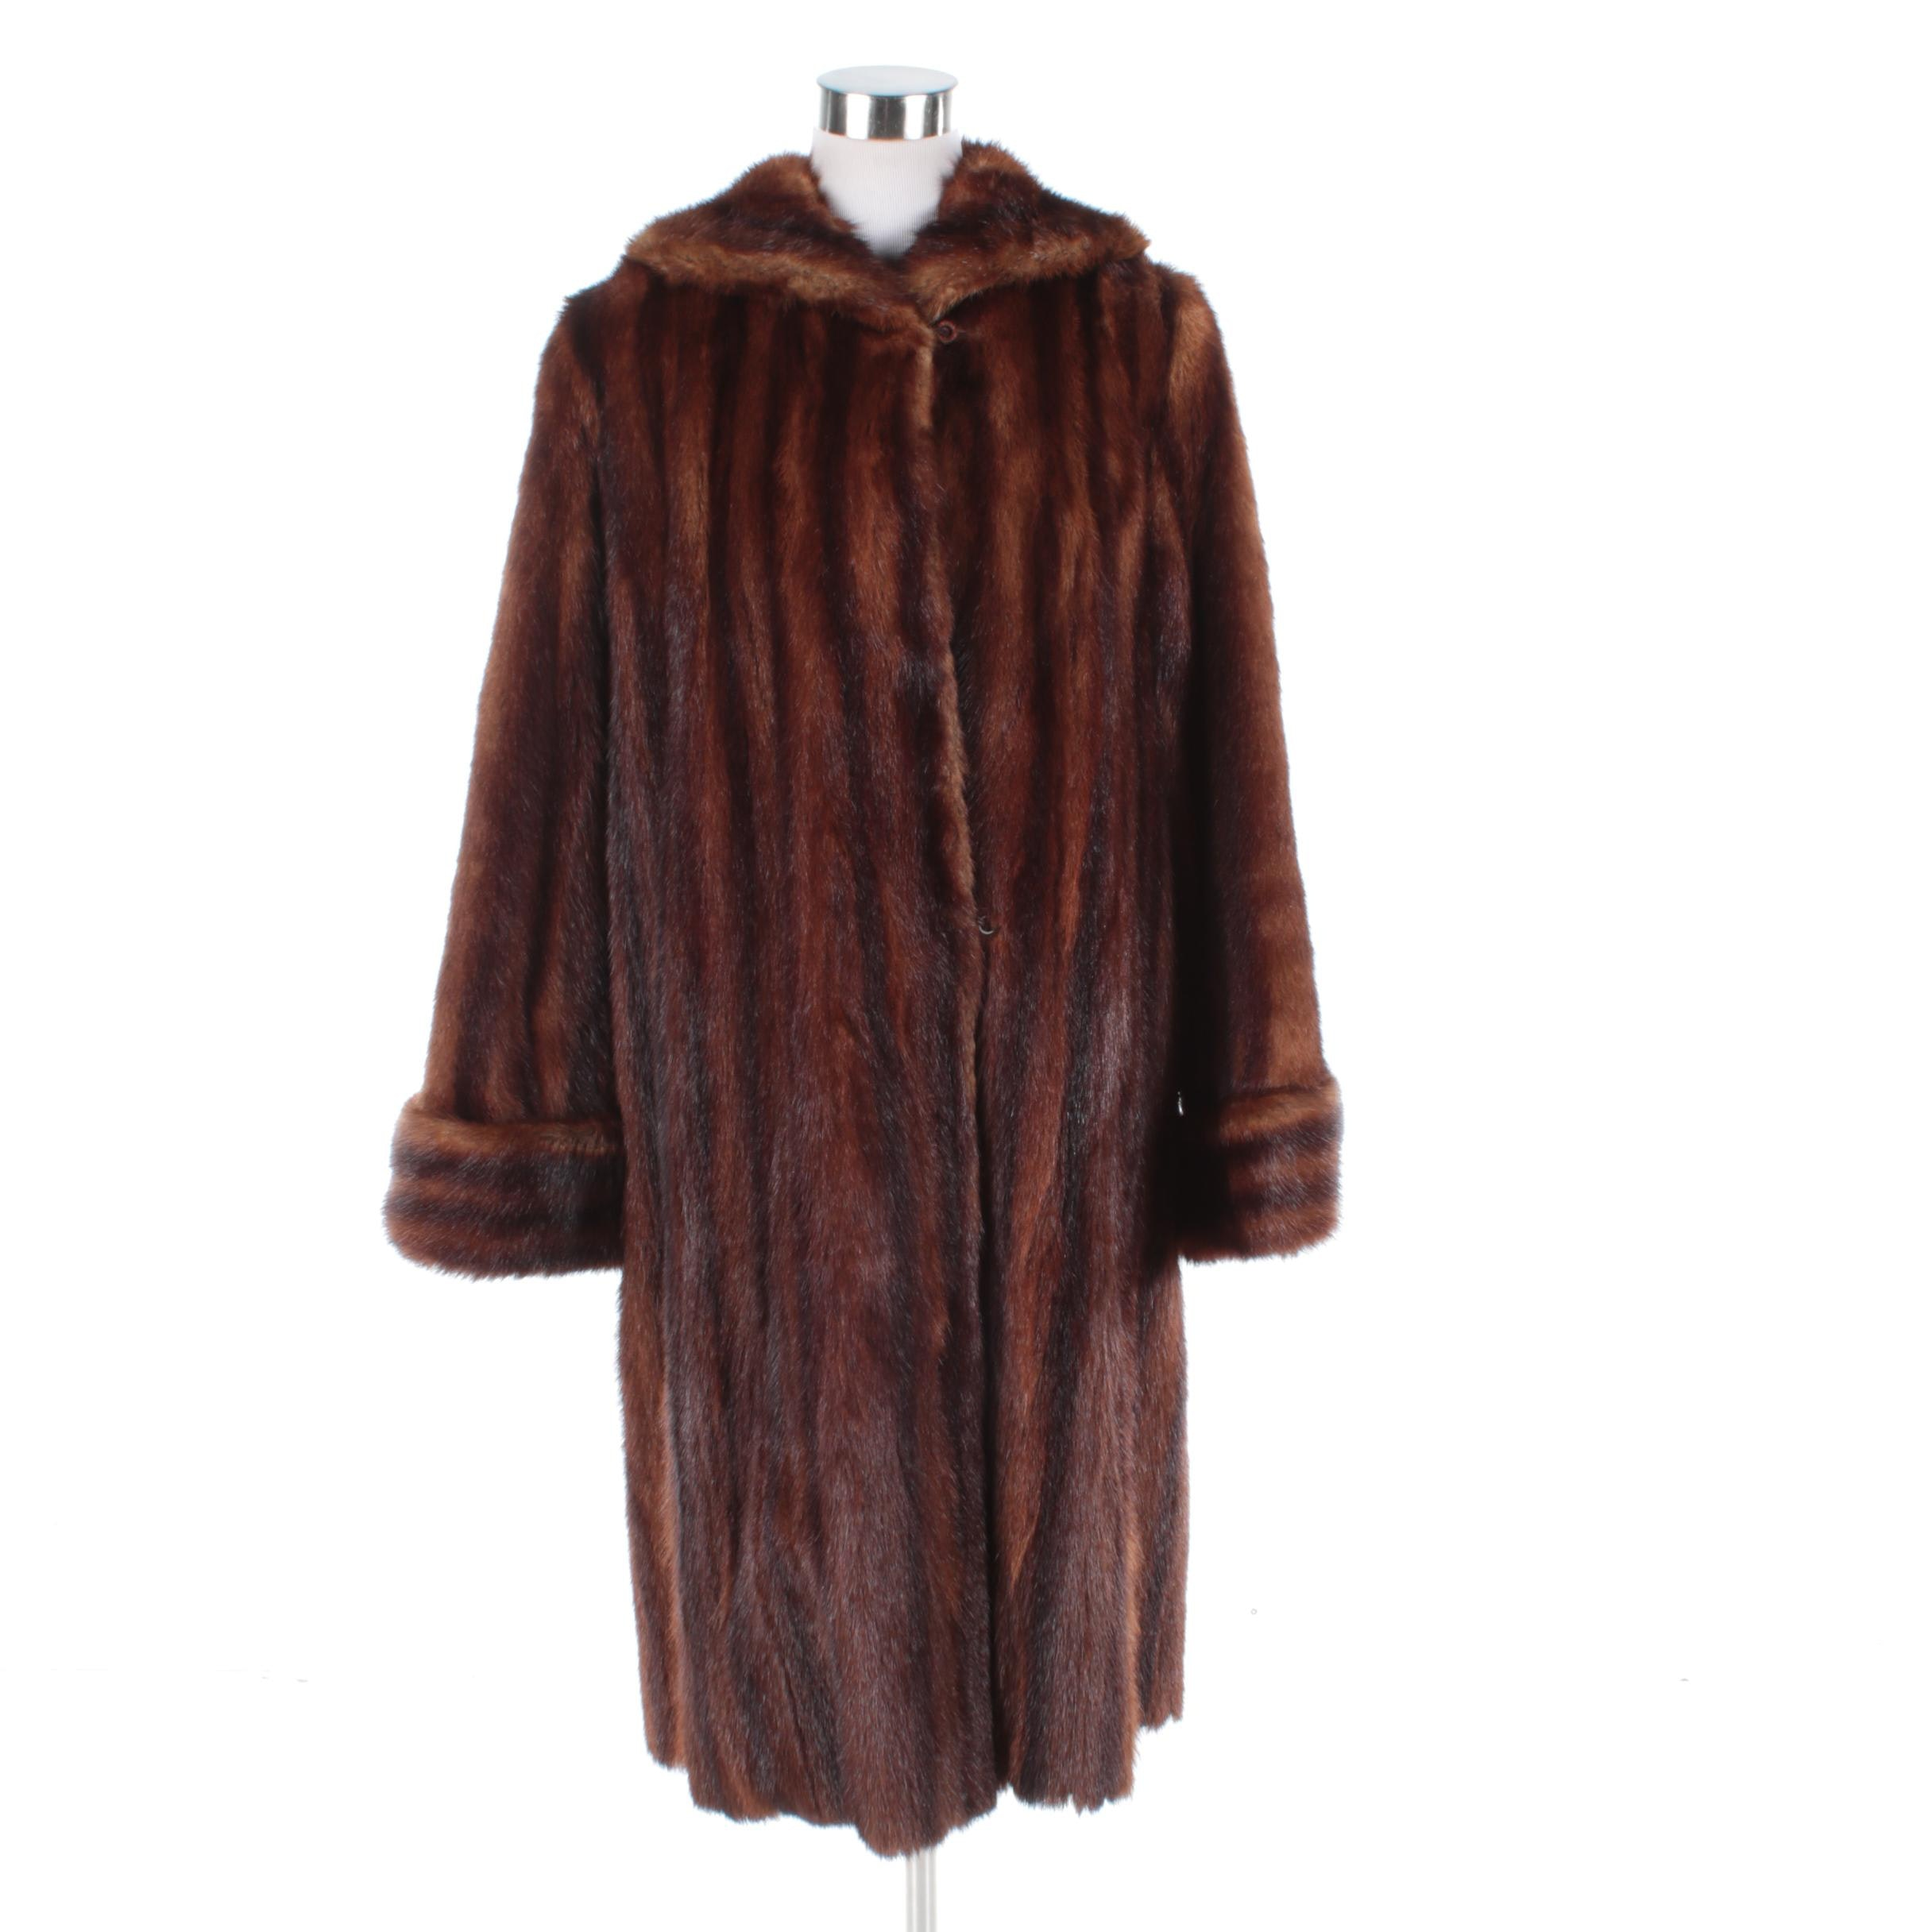 Vintage Marten Fur Coat